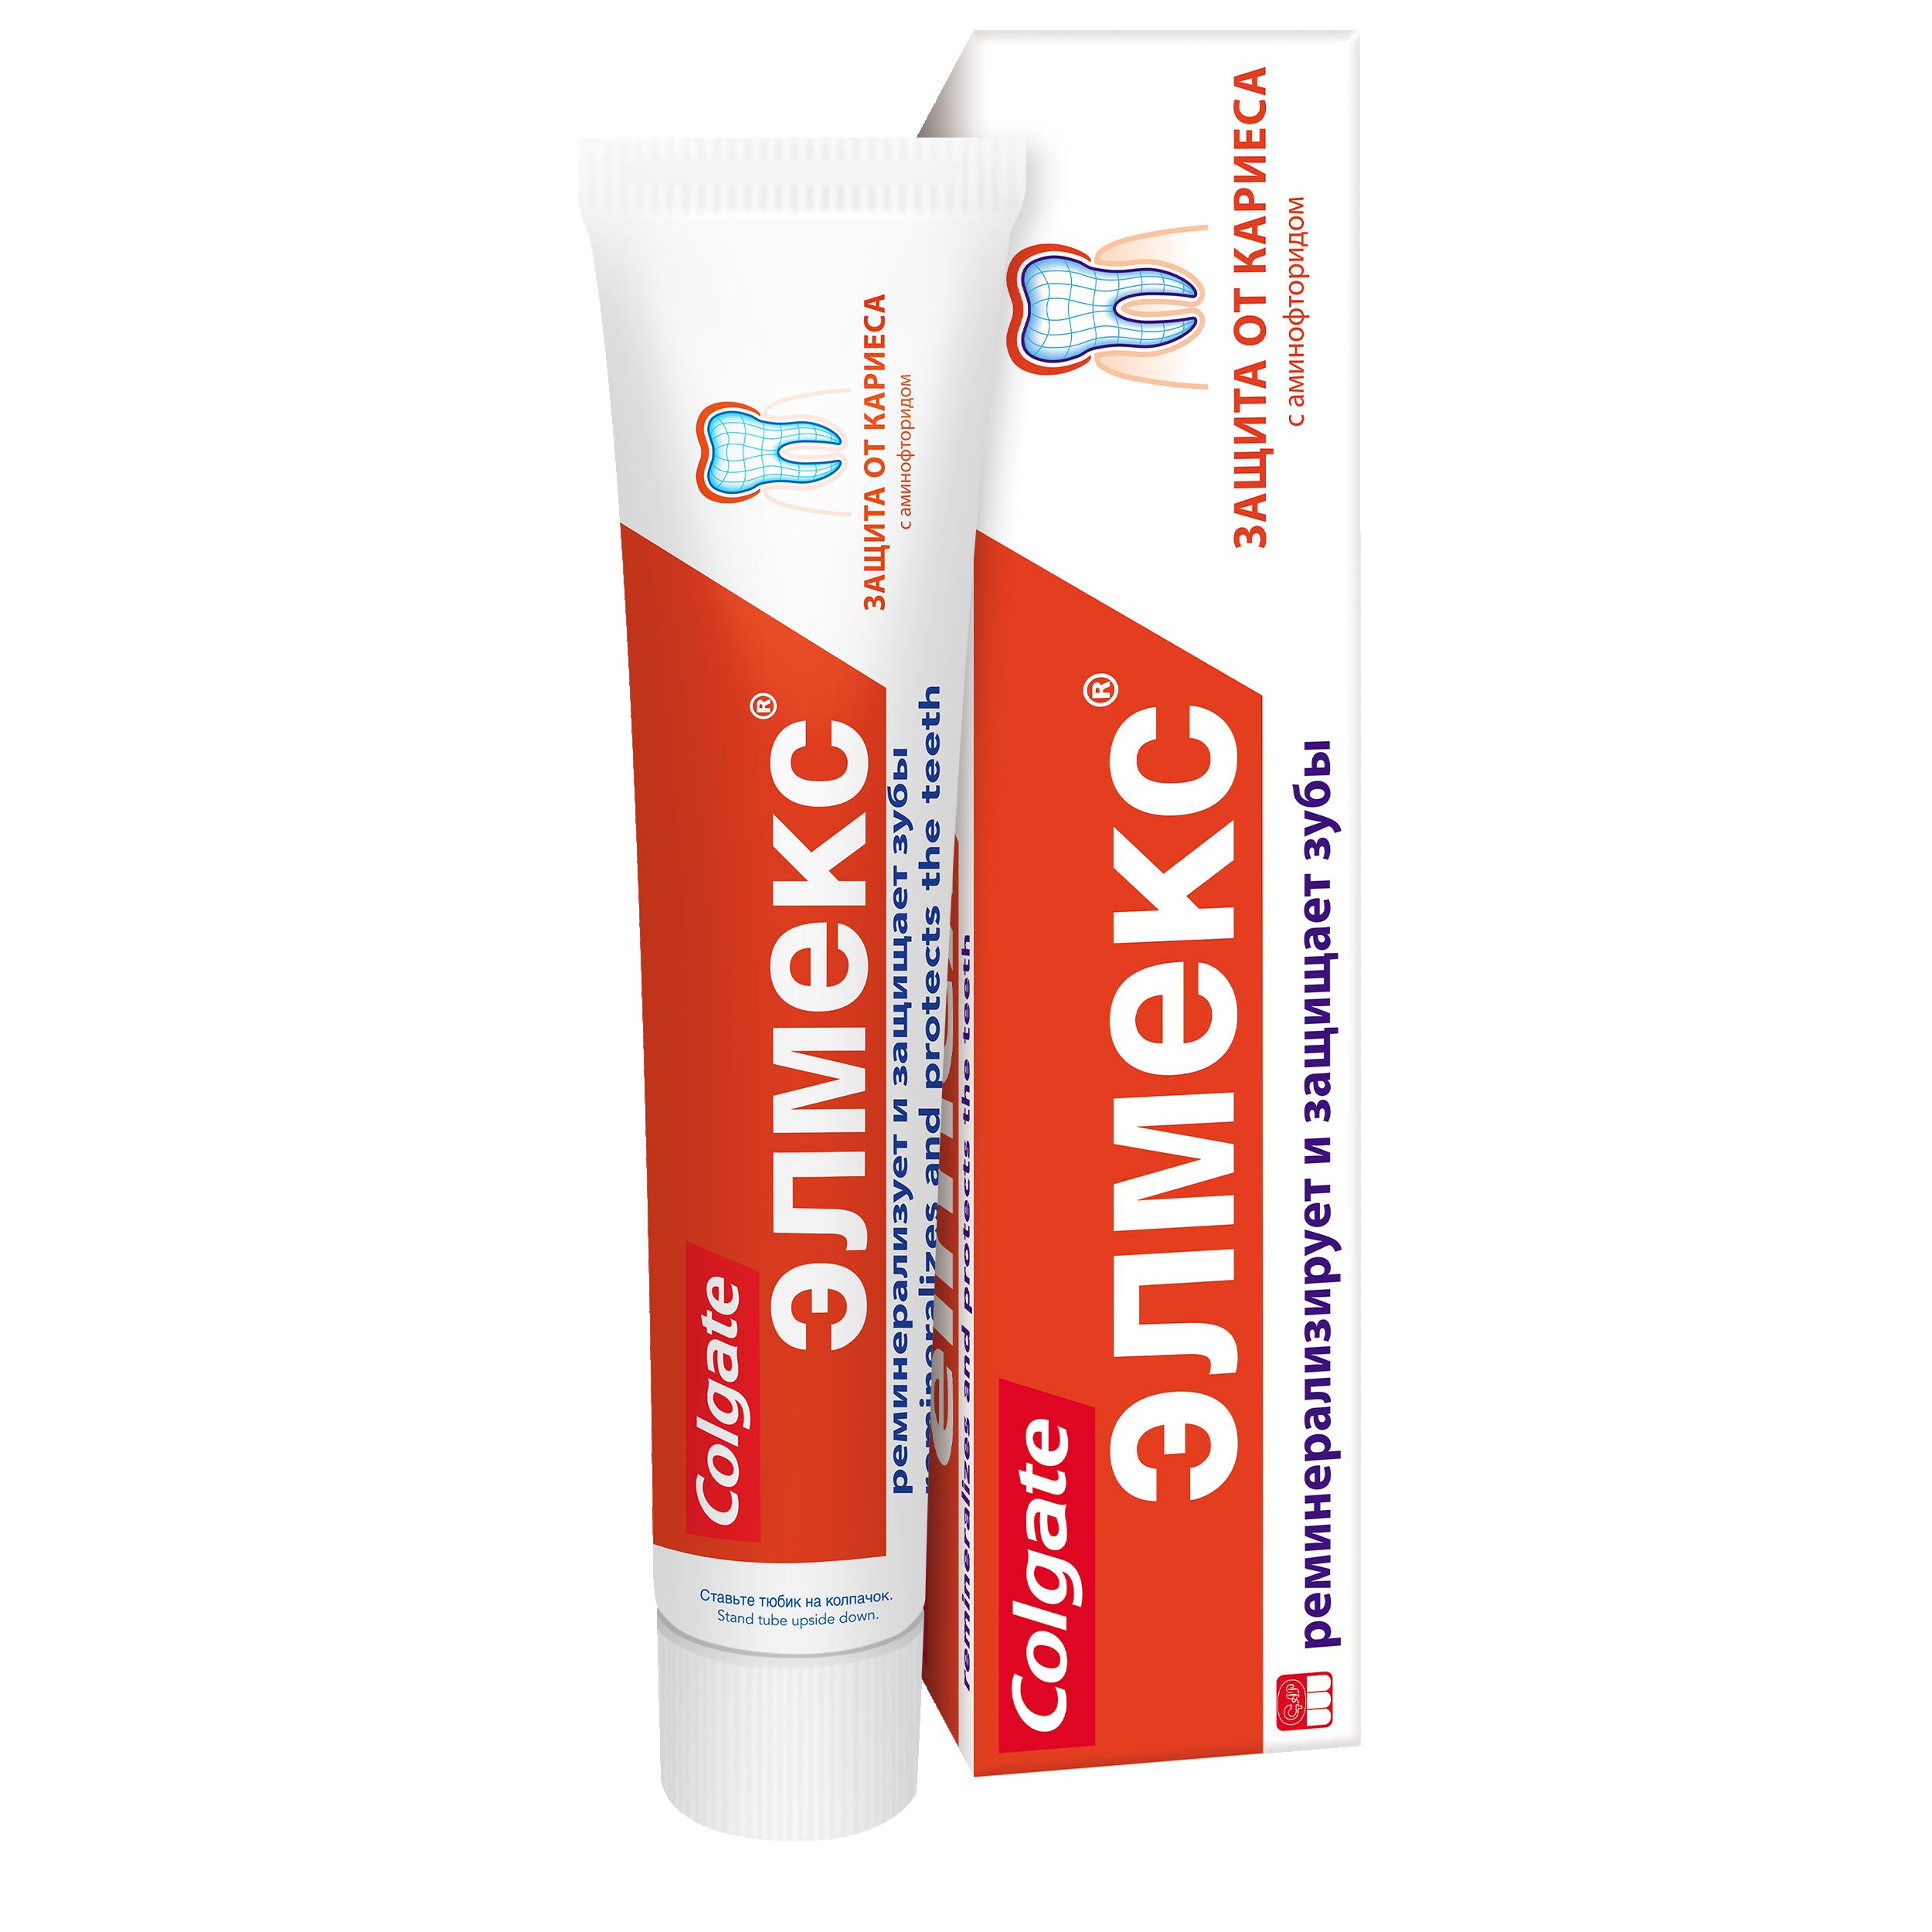 Купить Зубная паста Элмекс Защита от кариеса 75мл, защита от кариеса 75 мл